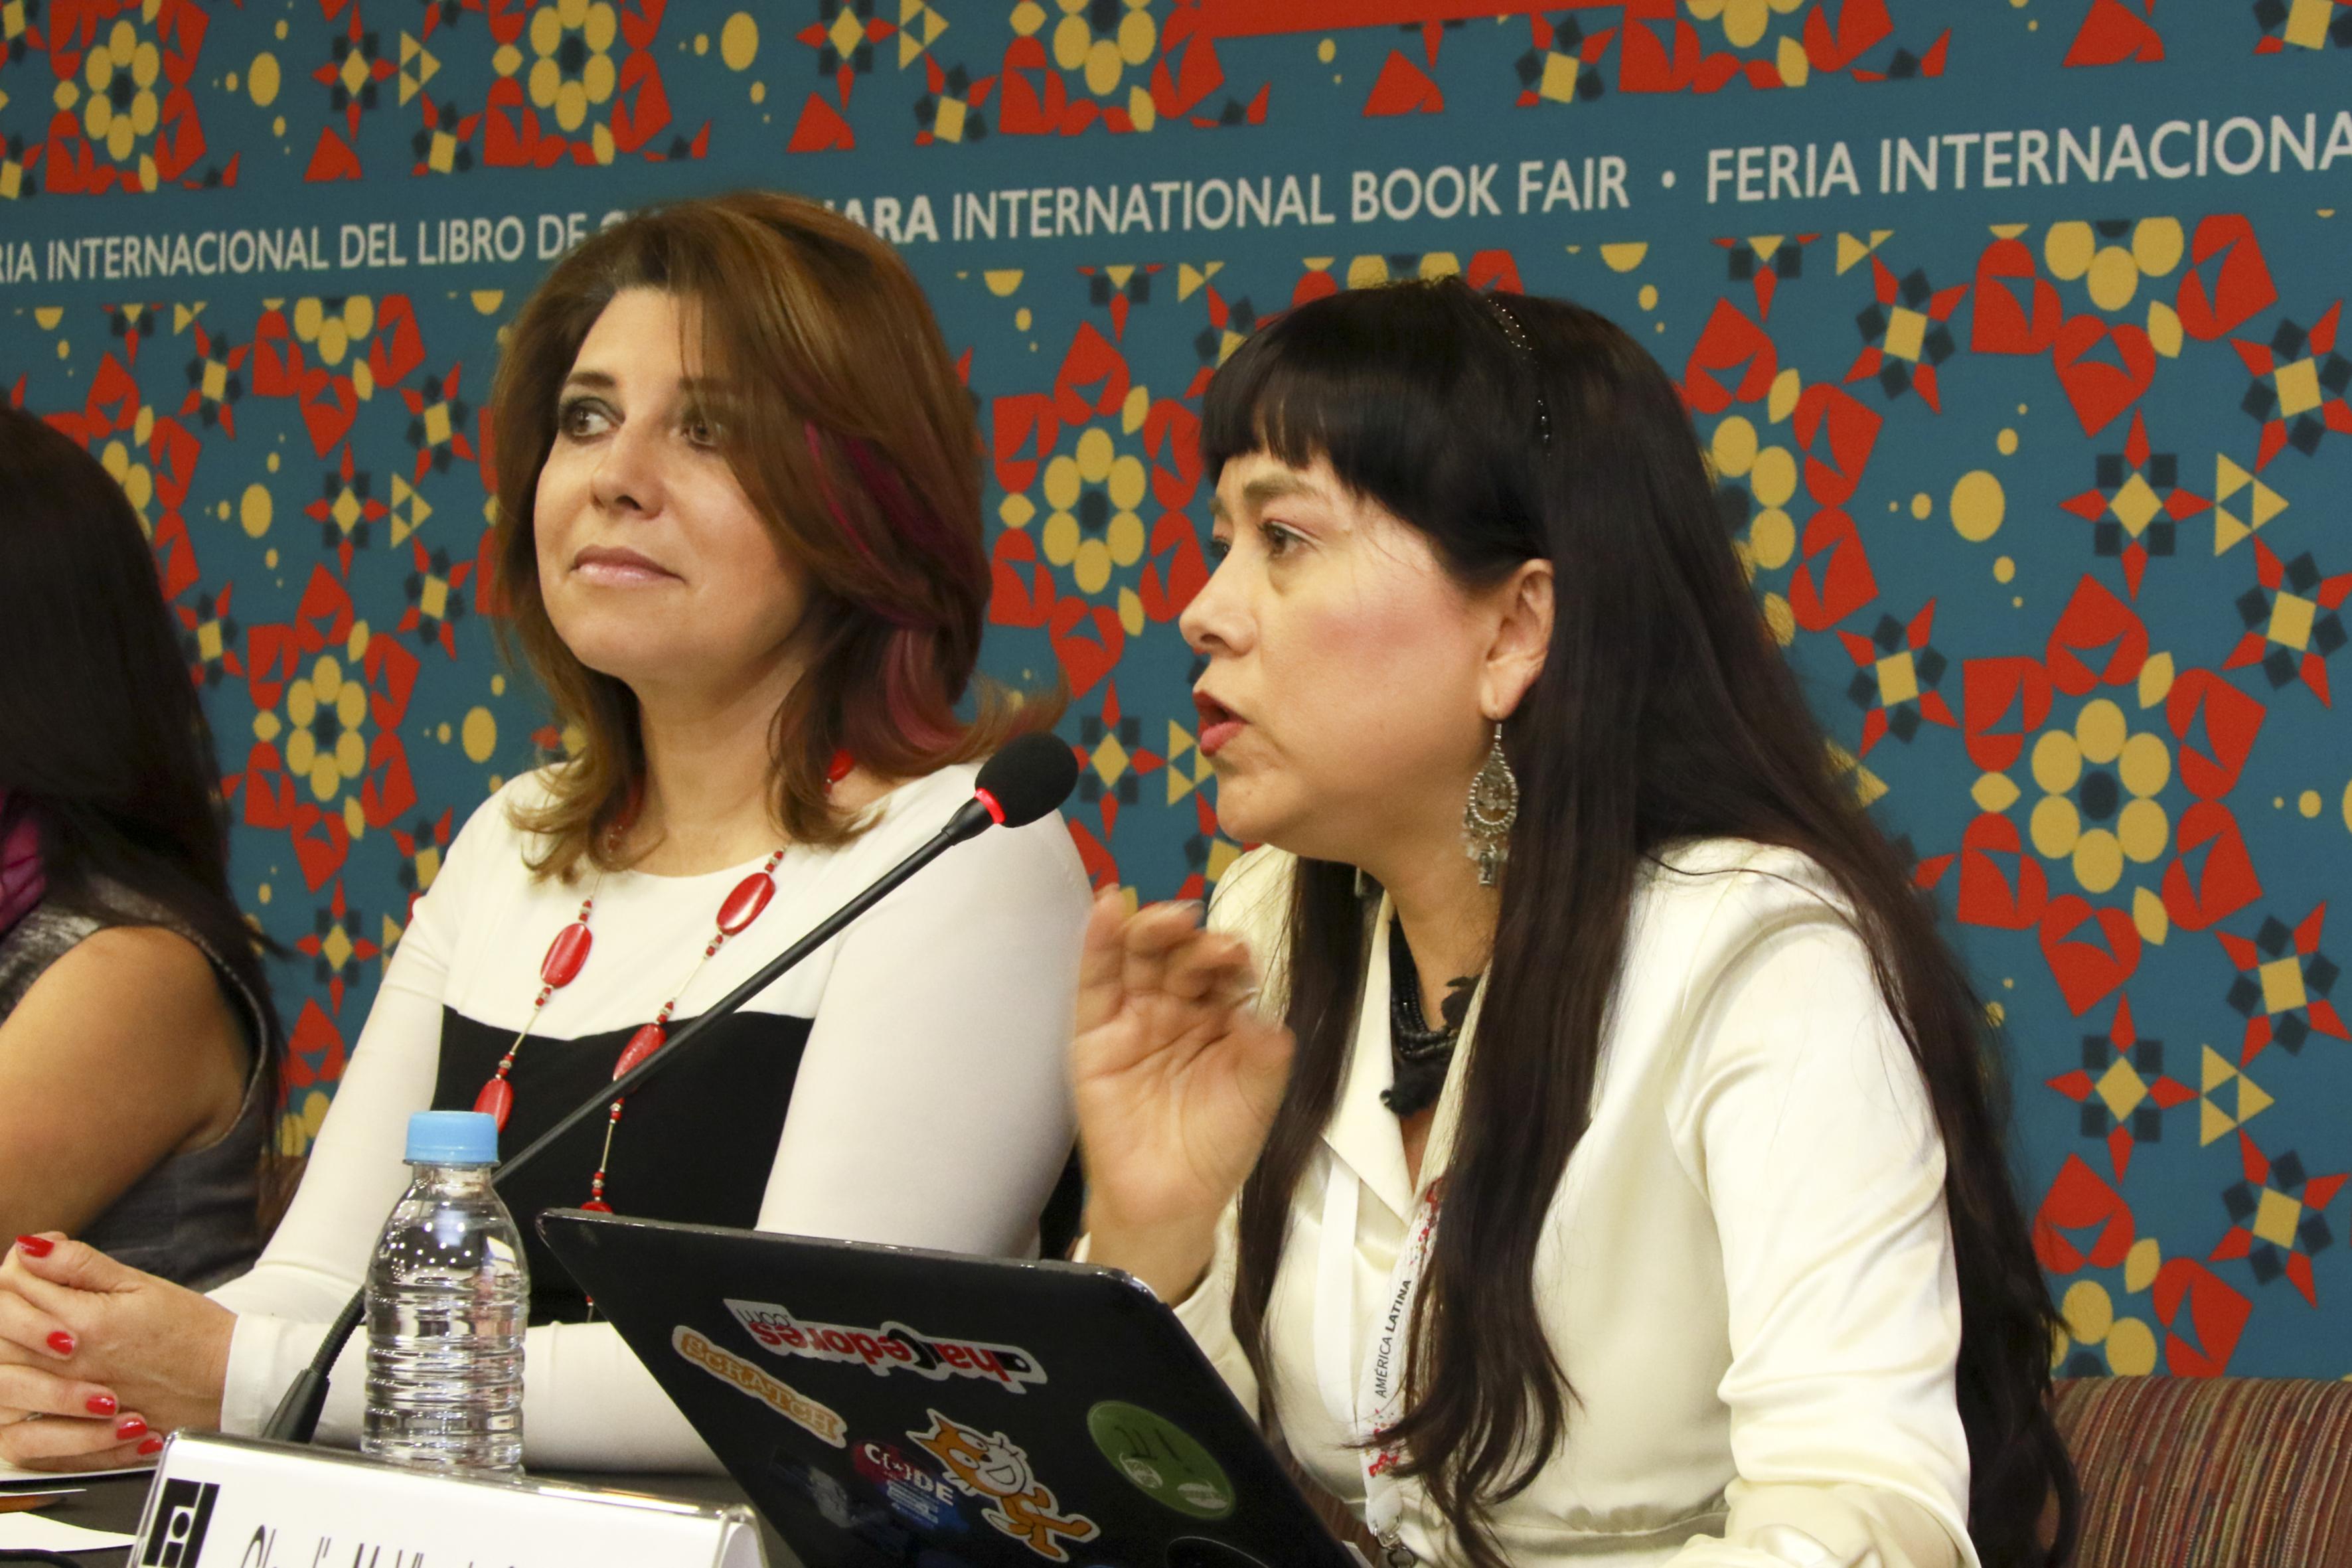 Doctora Claudia Vicario Solórzano, Investigadora del Instituto Politécnico Nacional y Coordinadora de la Red Late México de la (CUDI), haciendo uso de la palabra